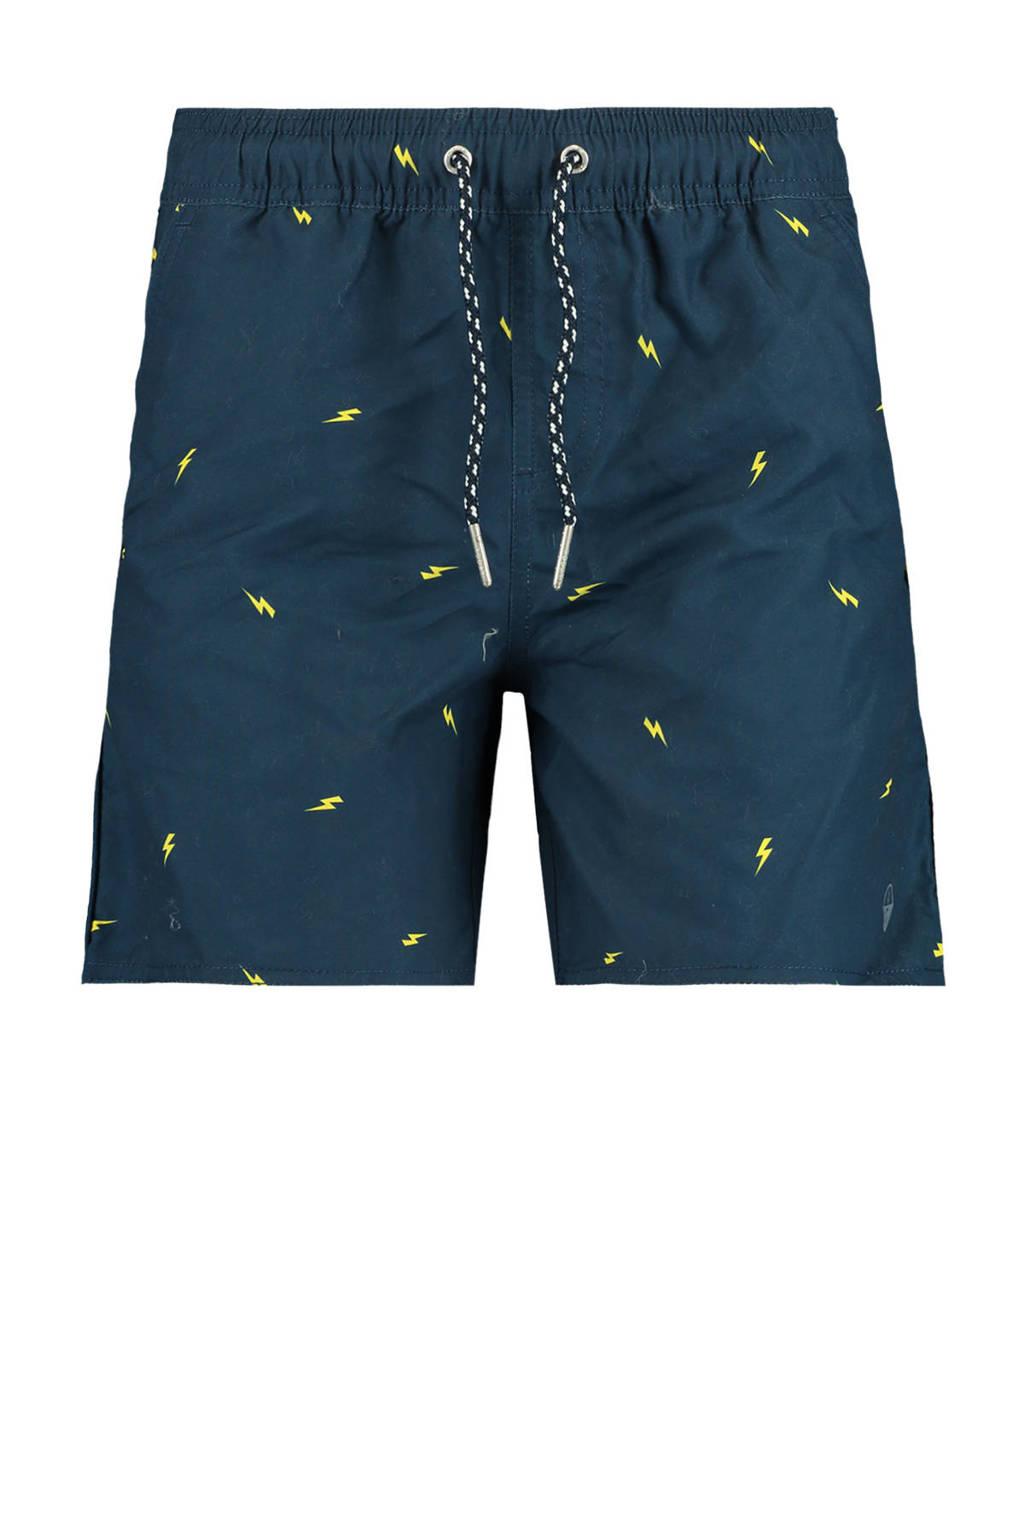 America Today Junior zwemshort Wilu met all over print donkerblauw, Donkerblauw/geel